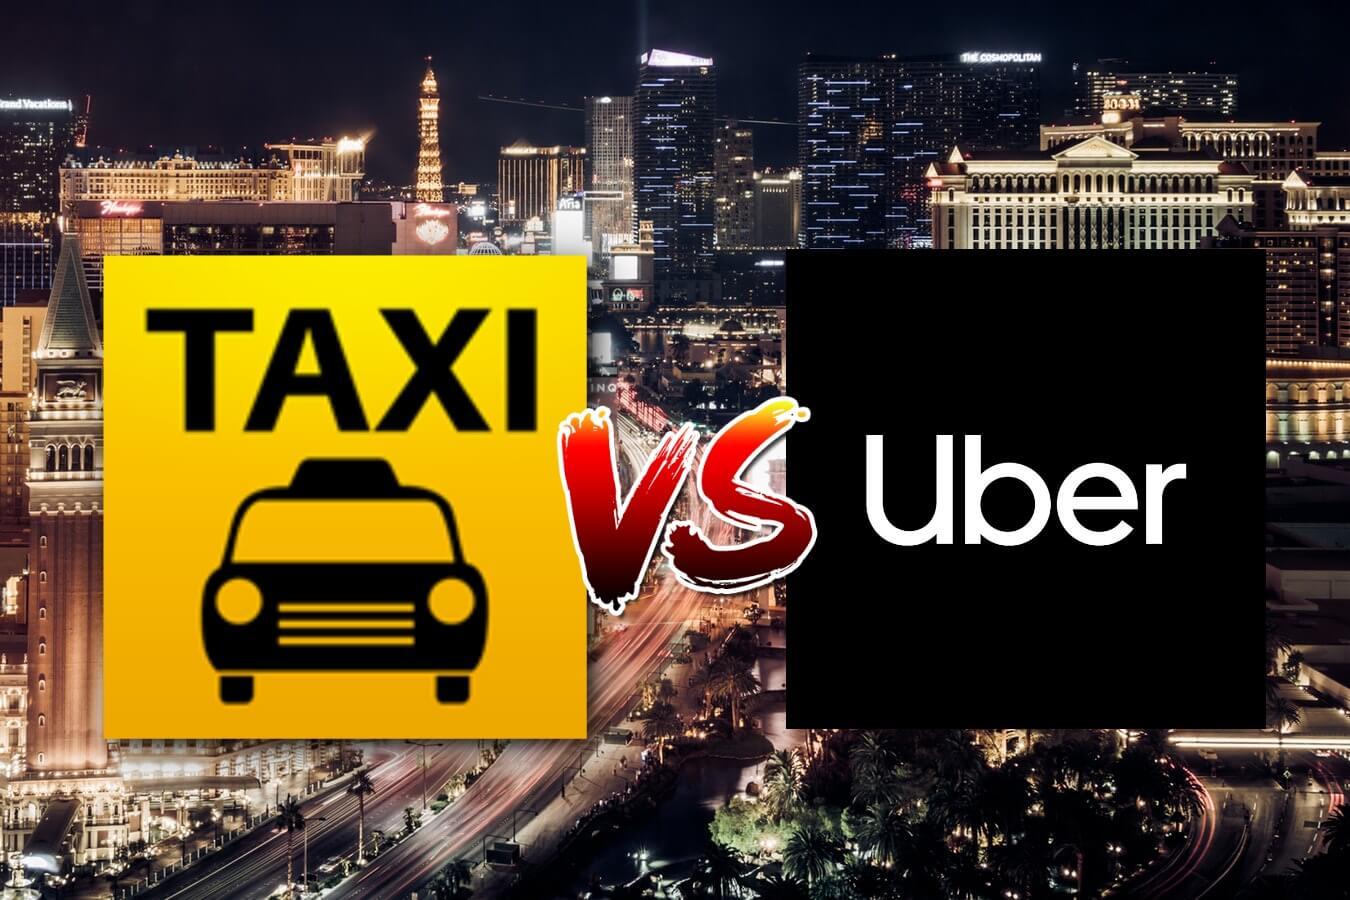 【ラスベガス】タクシーVS.Uber(ウーバー)比較体験レポ